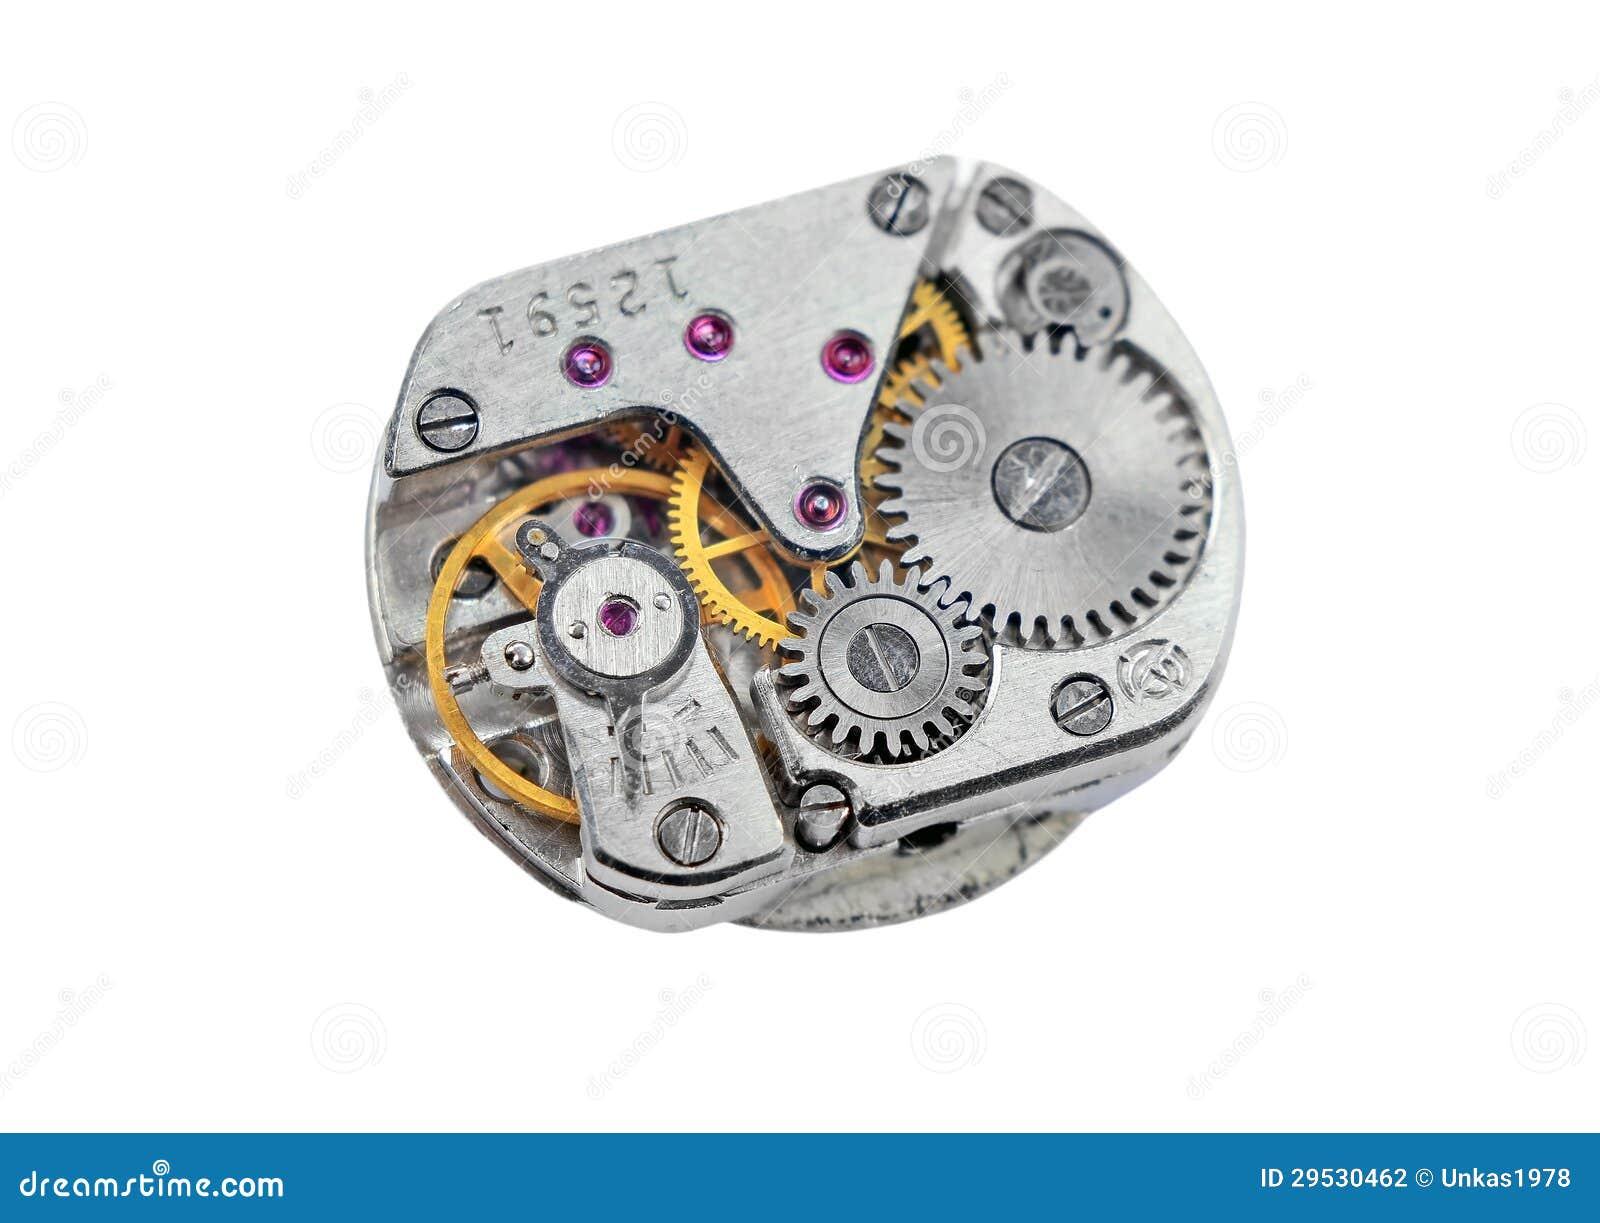 Dentro do pulso de disparo (maquinismo de relojoaria)